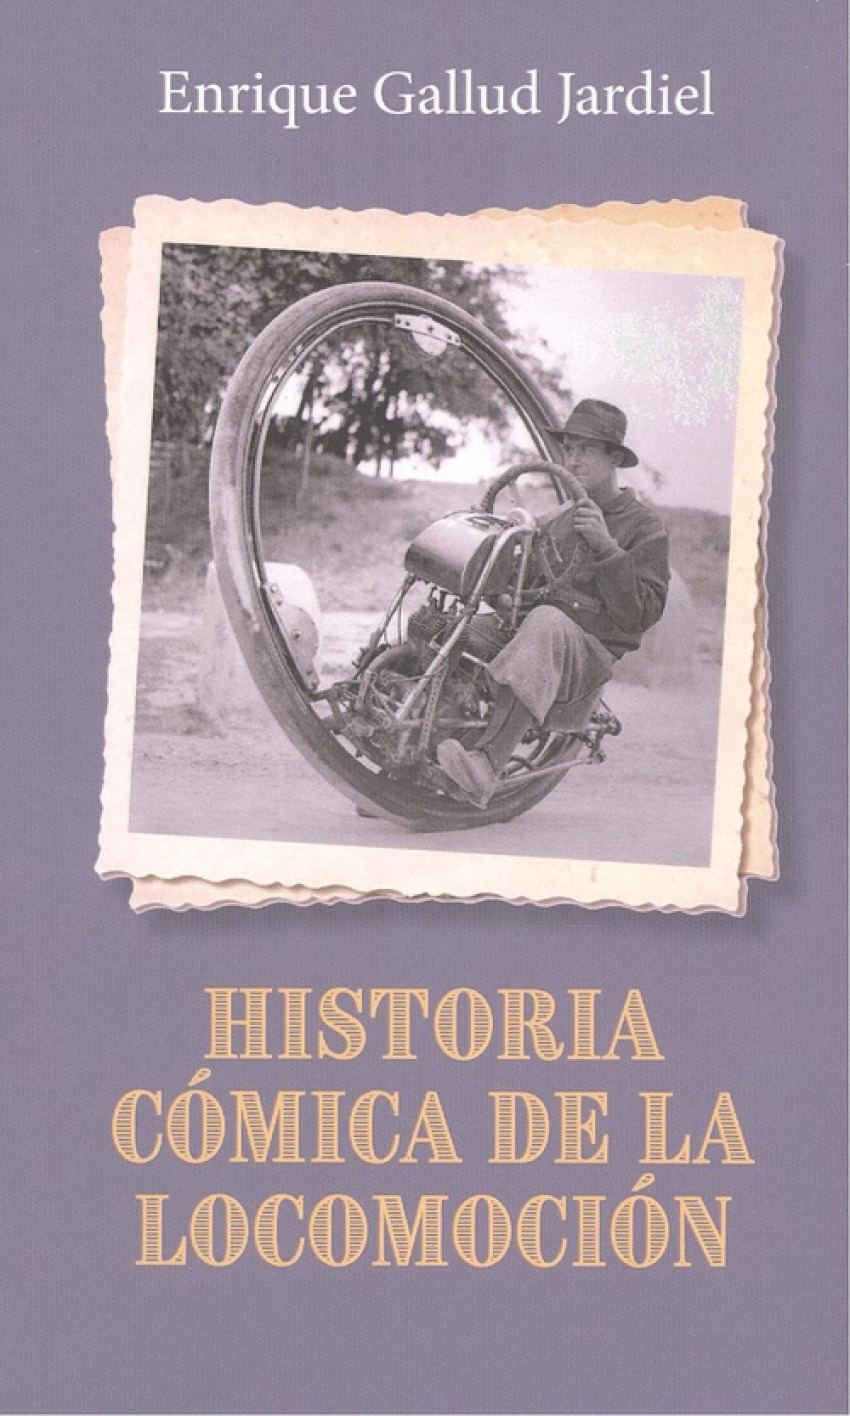 HISTORIA COMICA DE LA LOCOMOCION